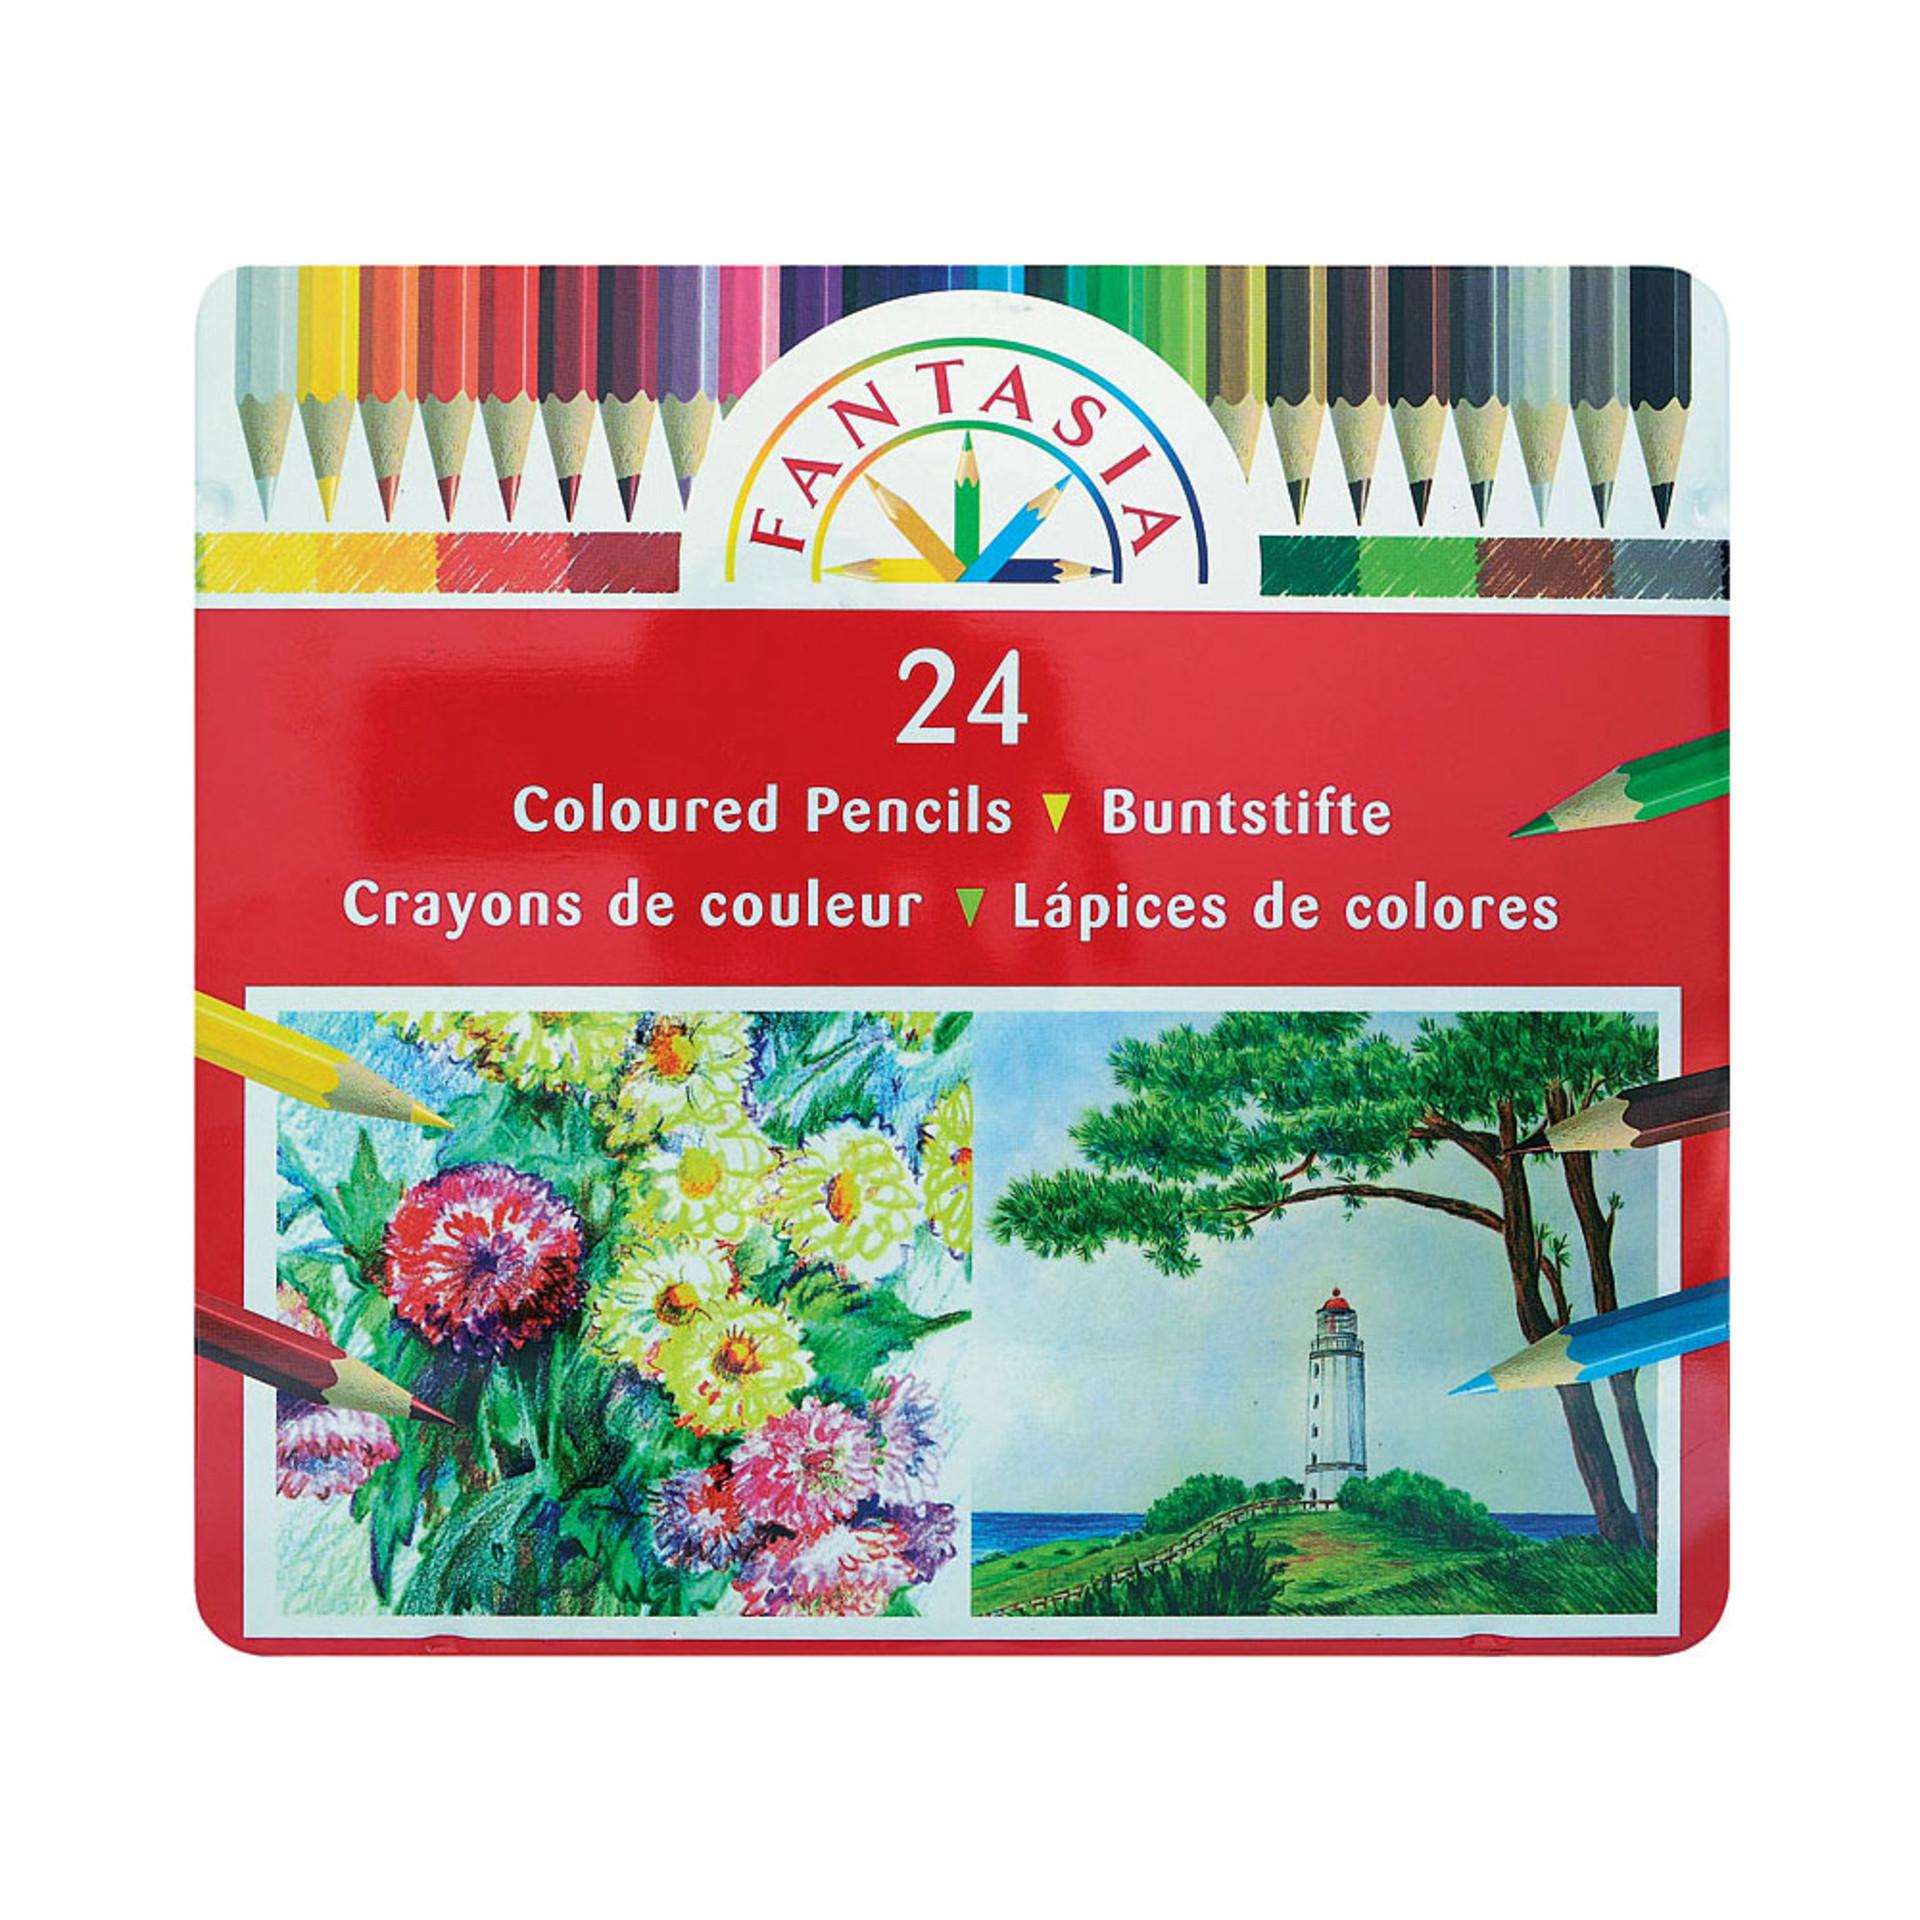 Fantasia Colored Pencil Set 24